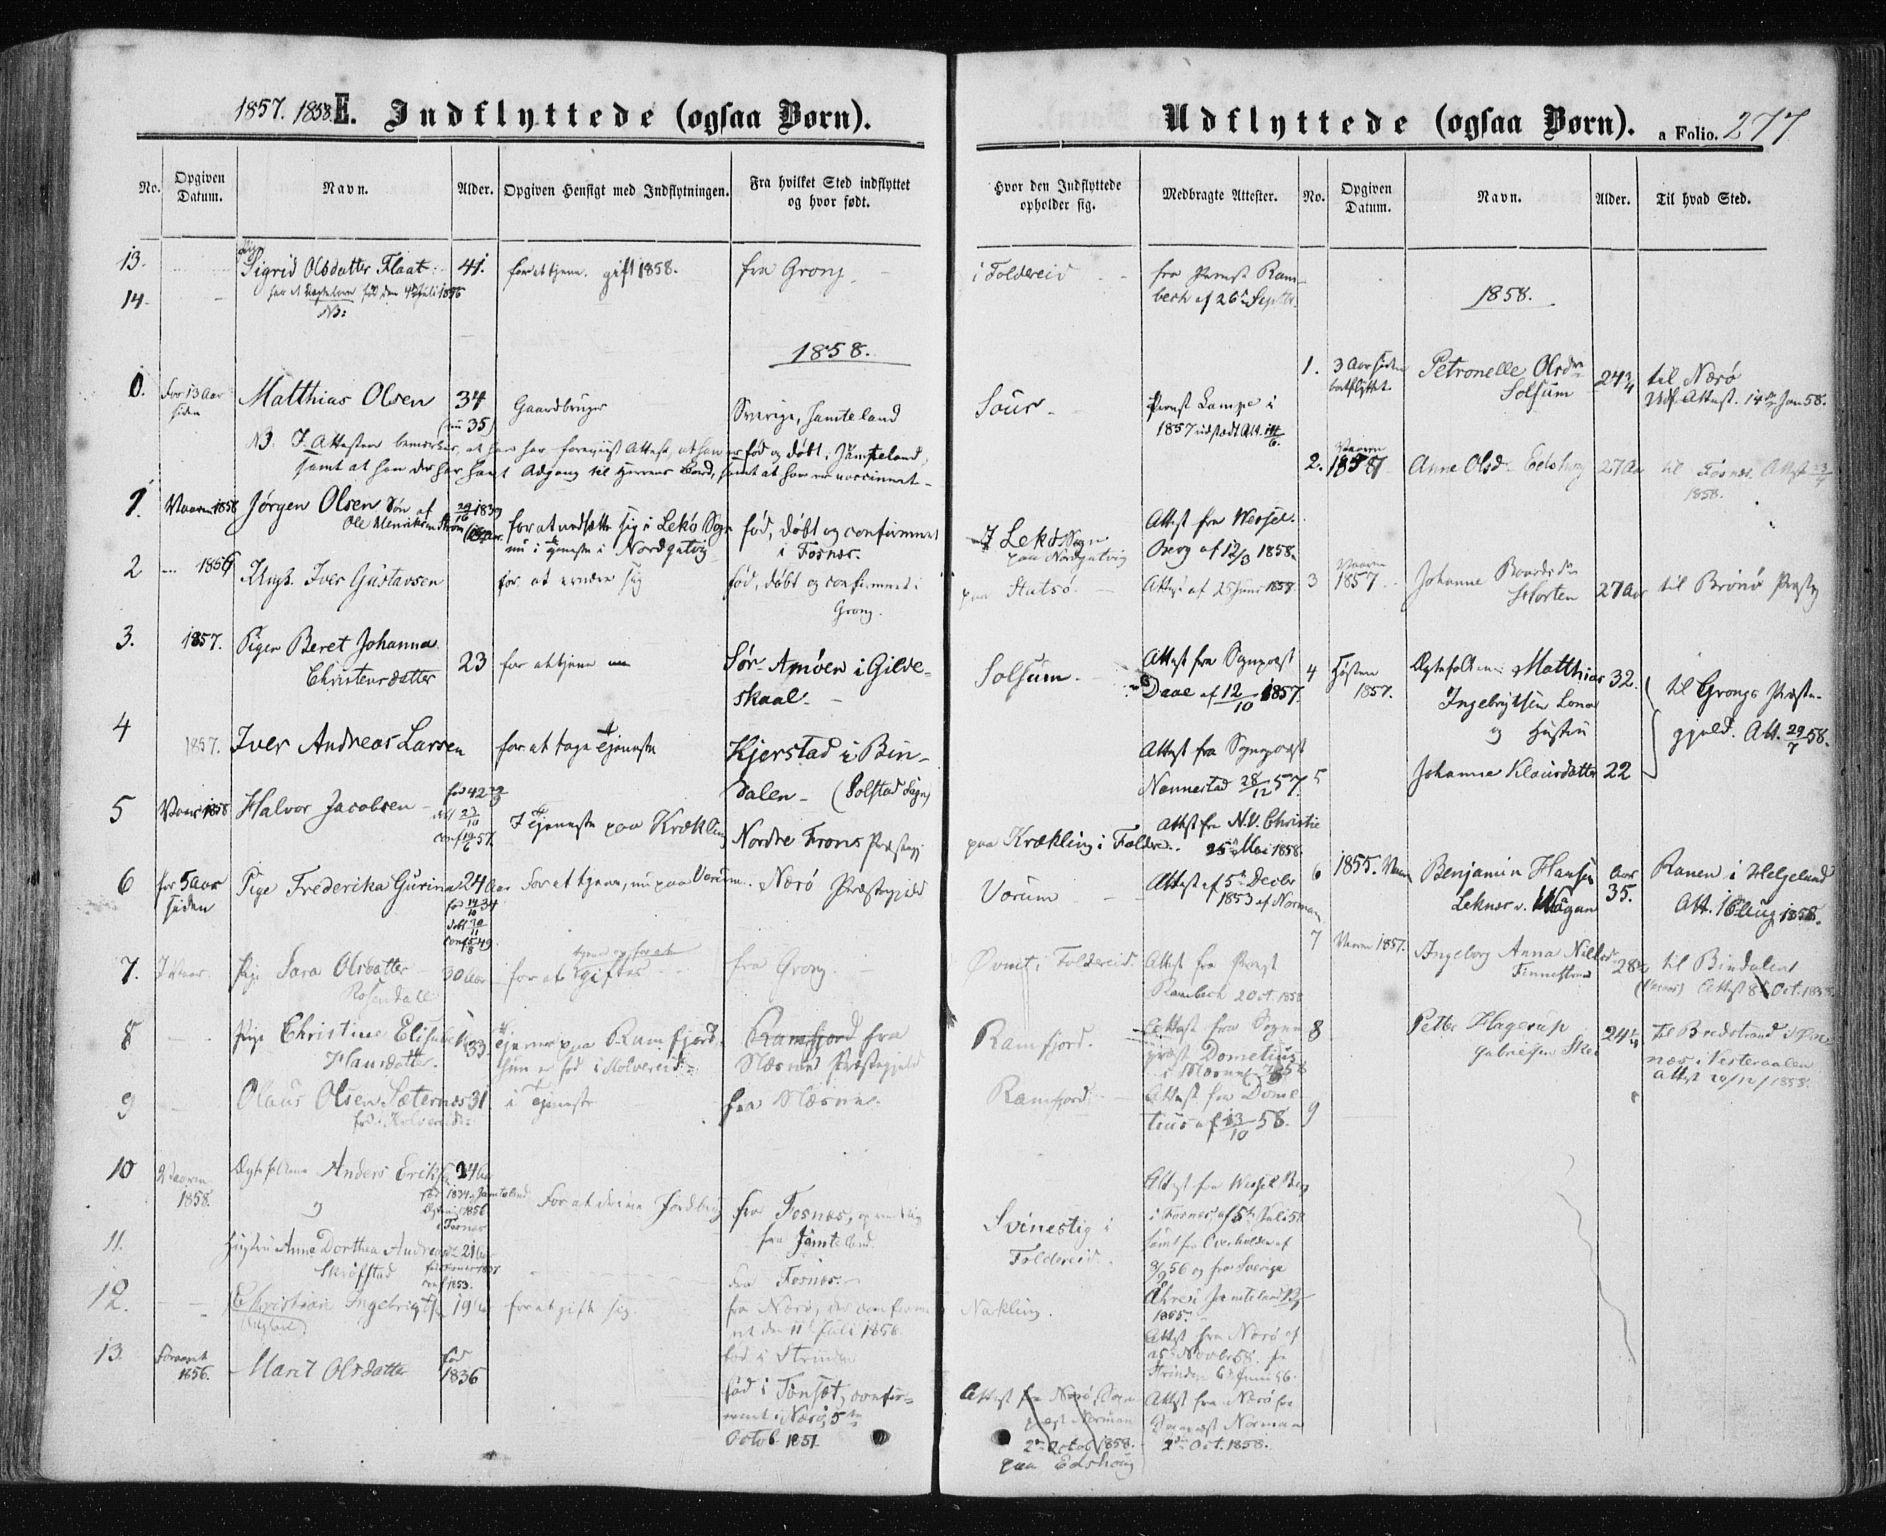 SAT, Ministerialprotokoller, klokkerbøker og fødselsregistre - Nord-Trøndelag, 780/L0641: Ministerialbok nr. 780A06, 1857-1874, s. 277